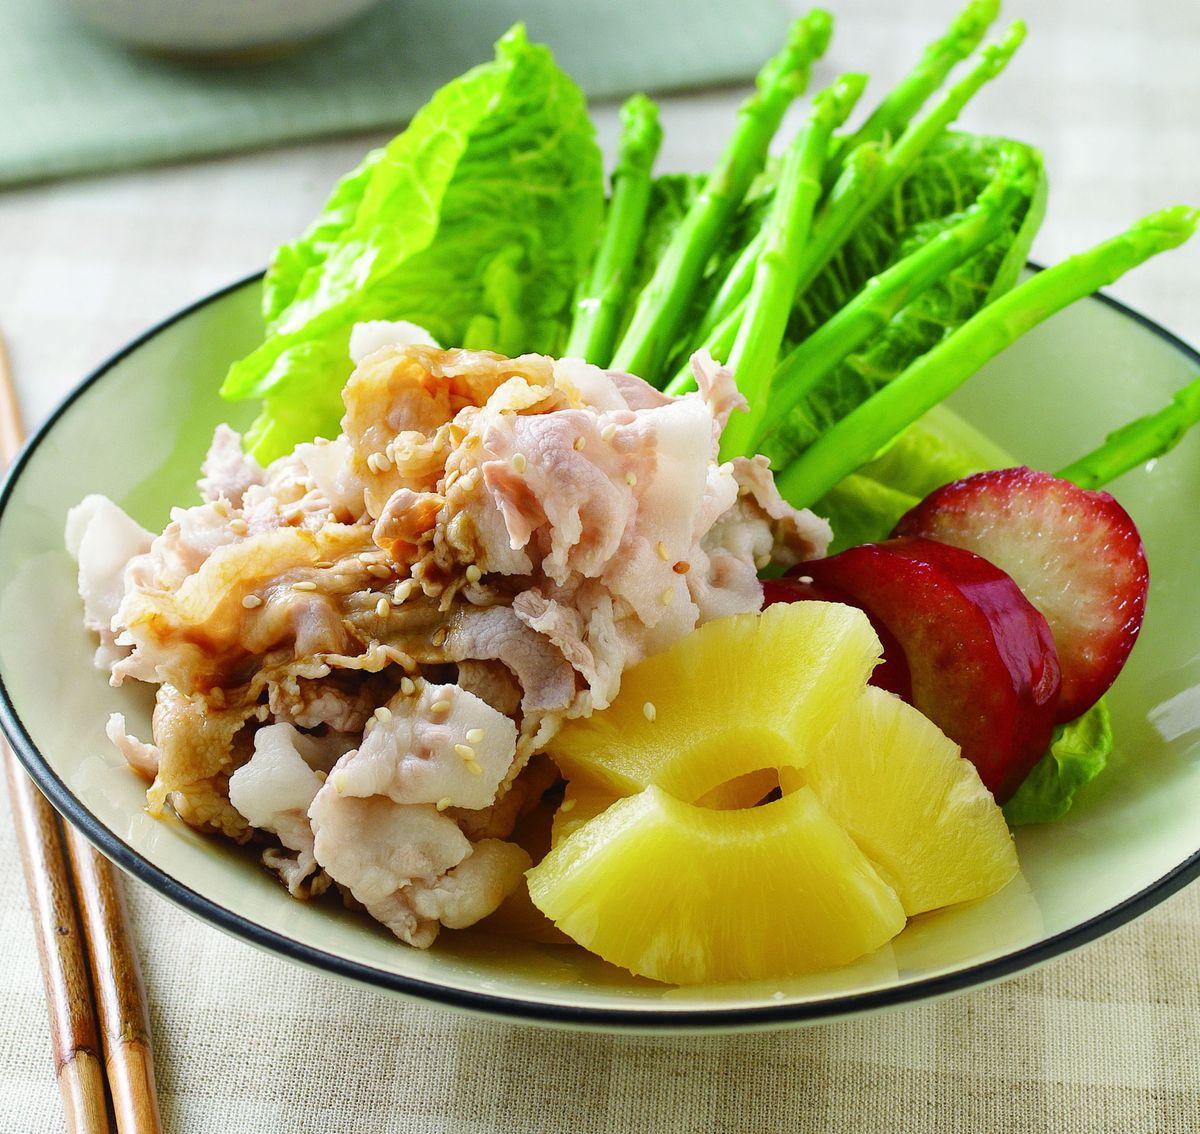 食譜:冰鎮肉片蔬果沙拉